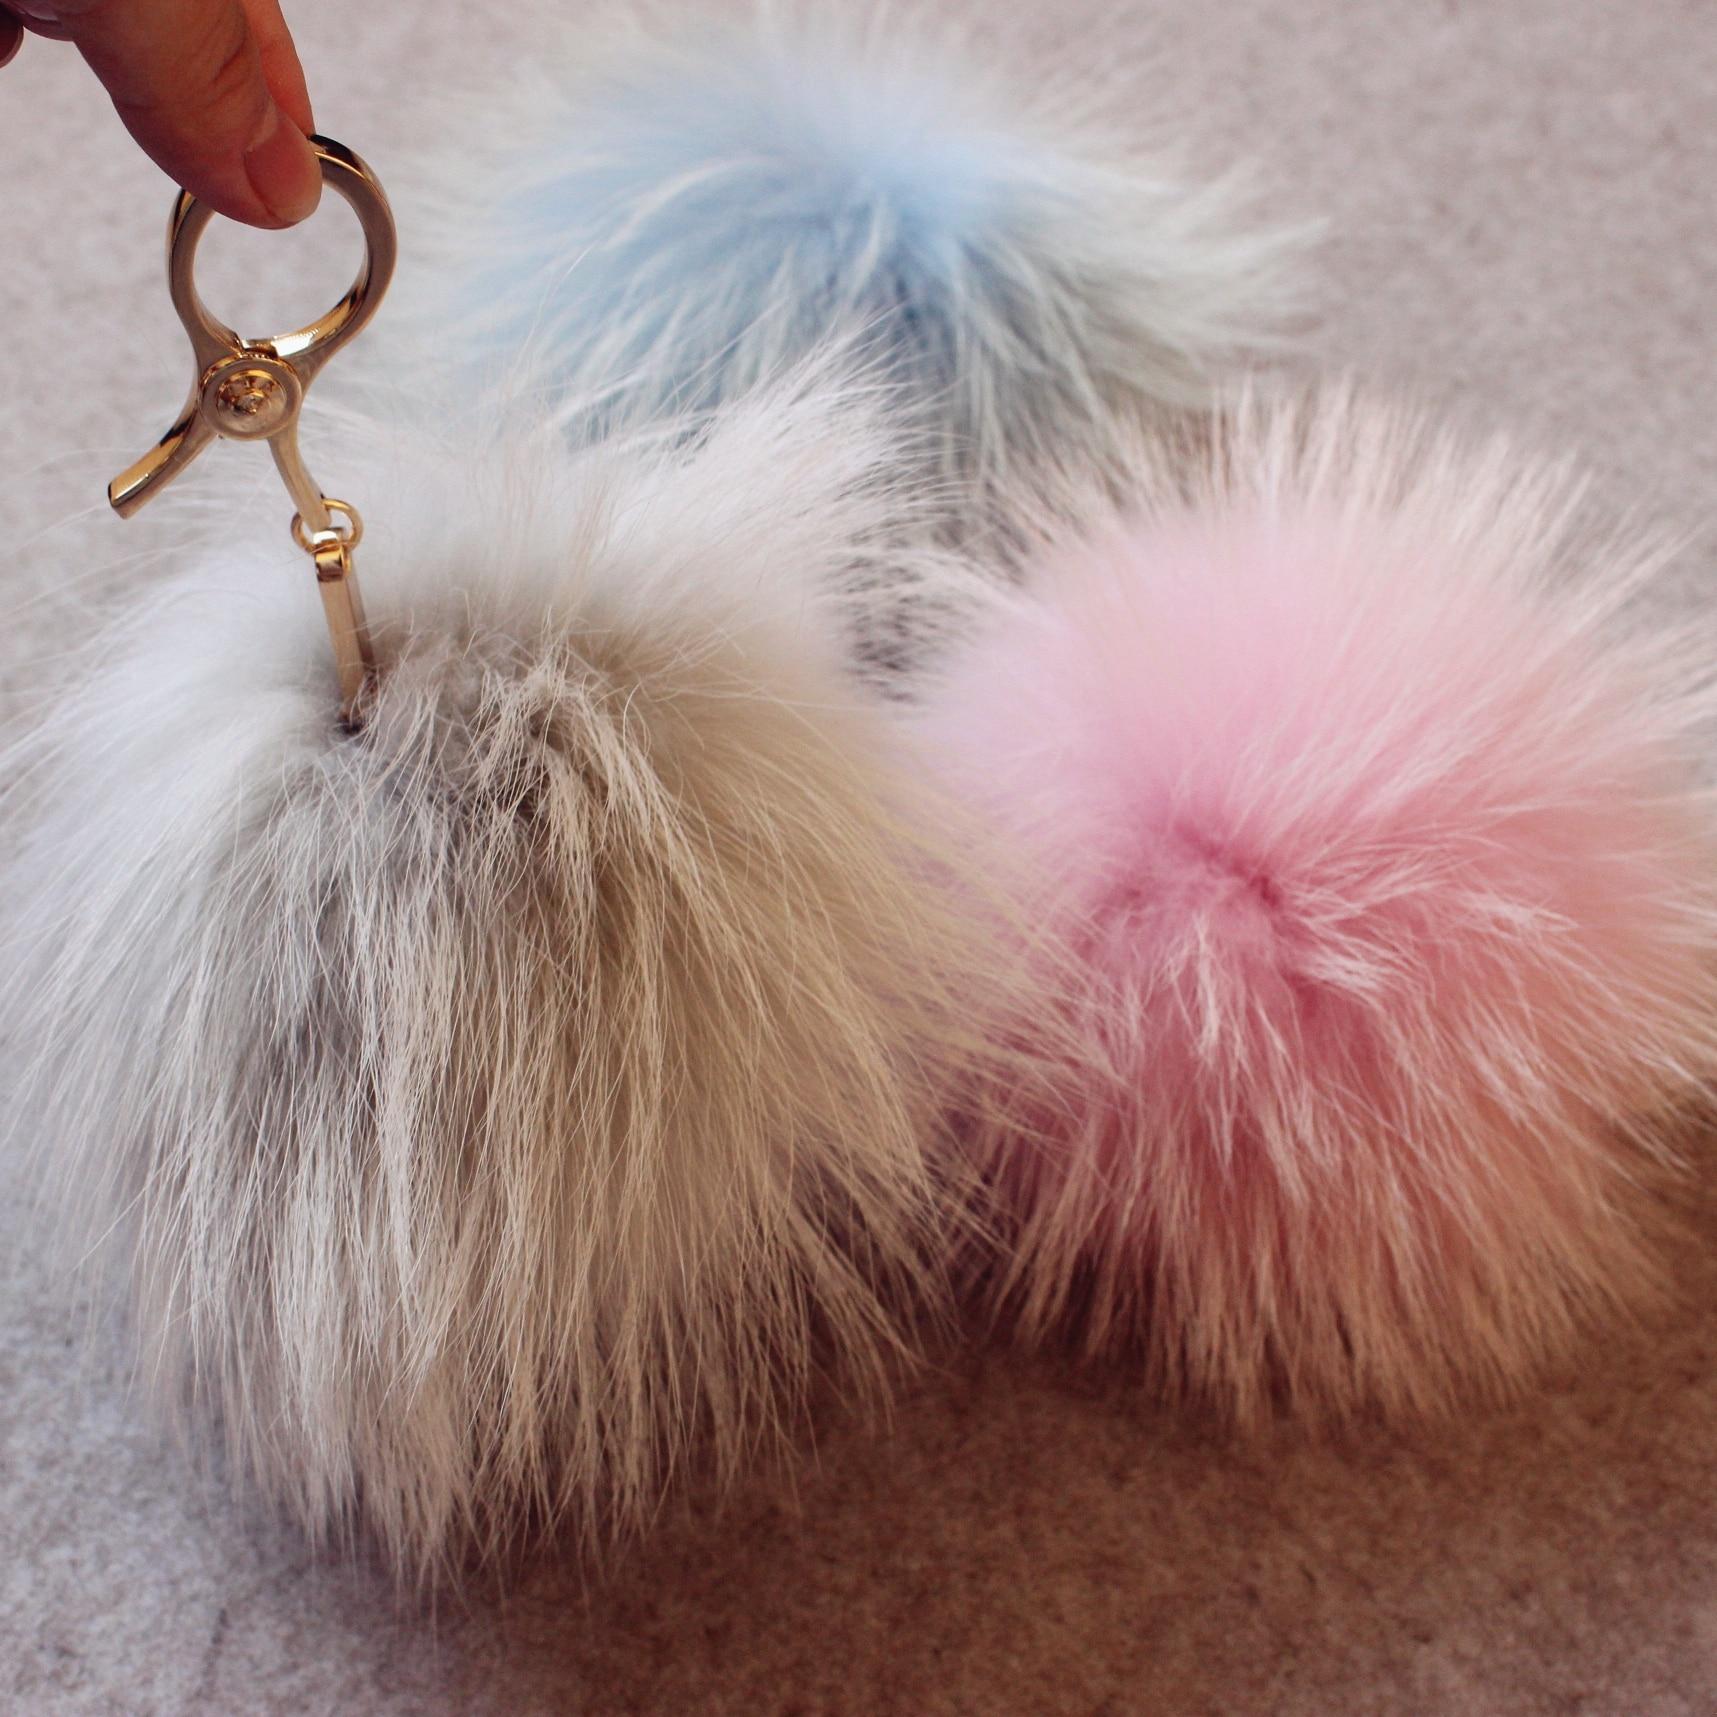 Creative super grand réel fourrure de raton laveur porte-clés sac à main en fourrure pendentif en peluche velours fourrure boule sac ornement blanc fourrure de raton laveur pom pom